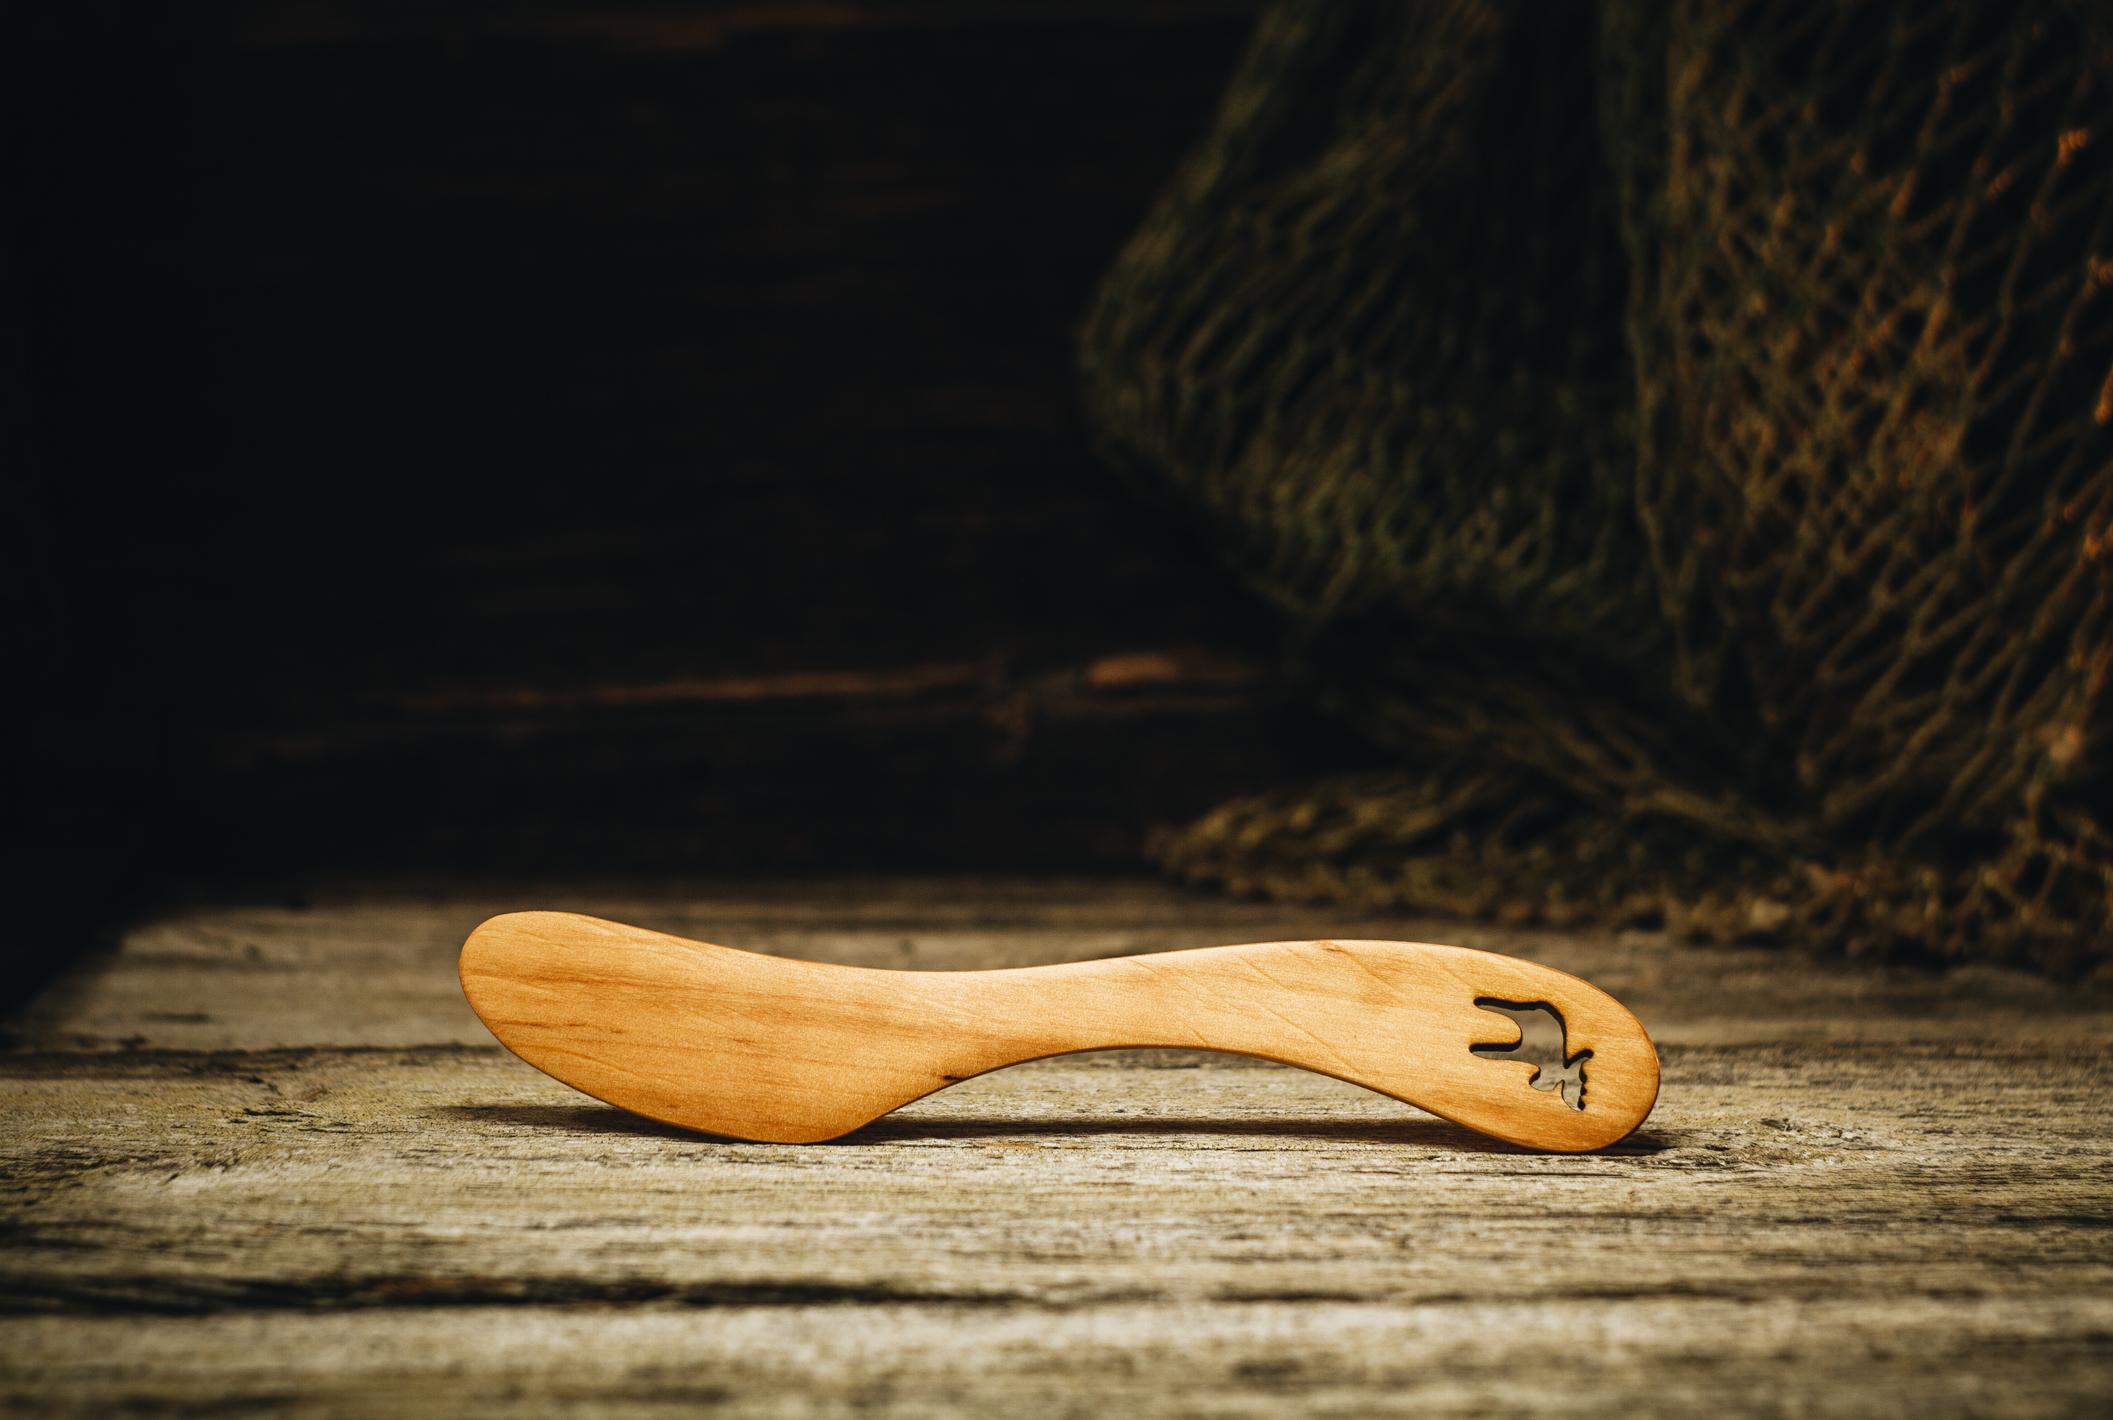 """Võinuga """"Põder""""(lepp) / Butter knife """"Elk""""(alder)"""